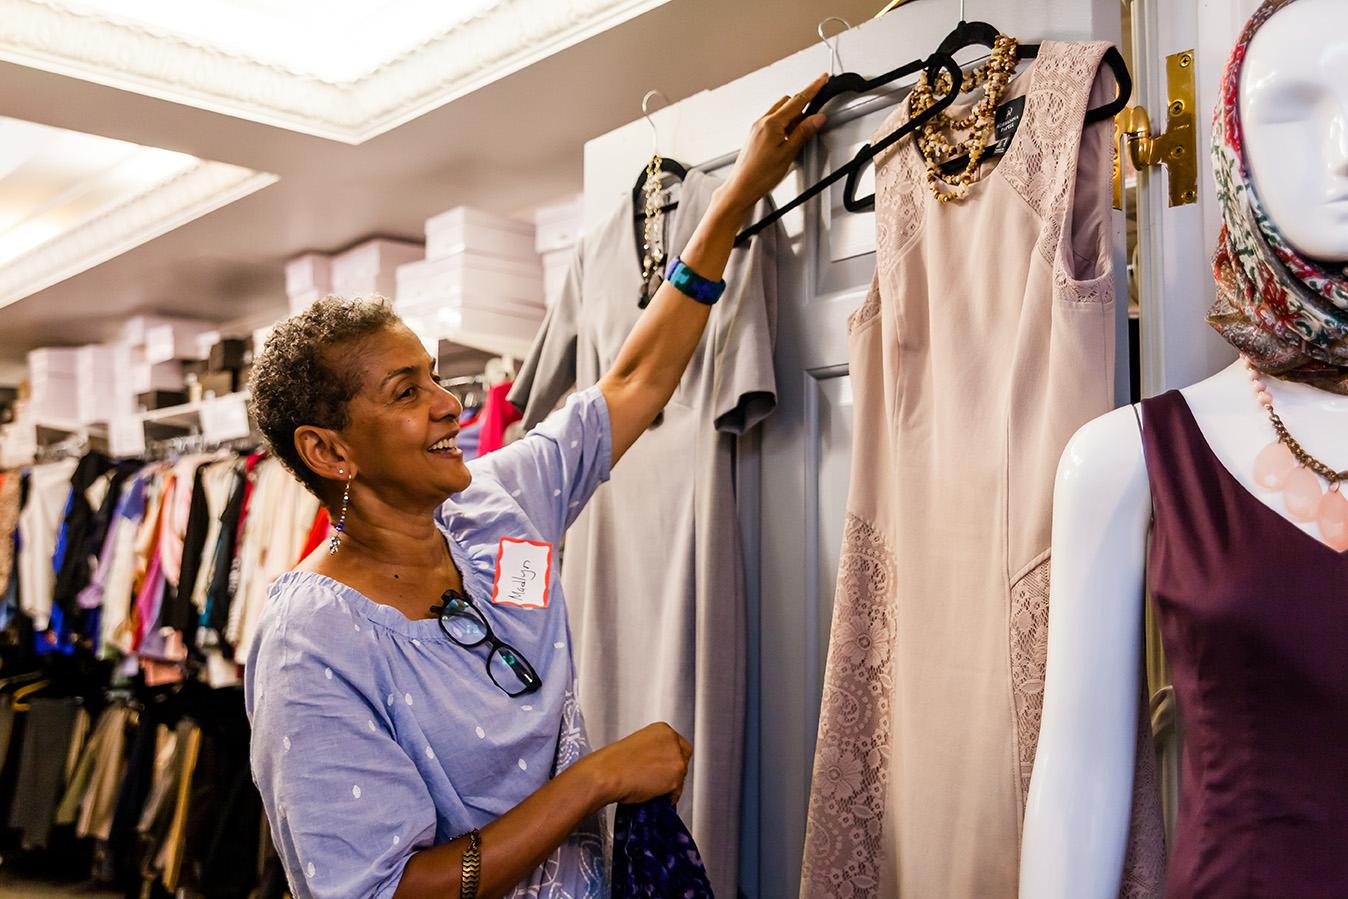 A Smiling Bottomless Closet Volunteer